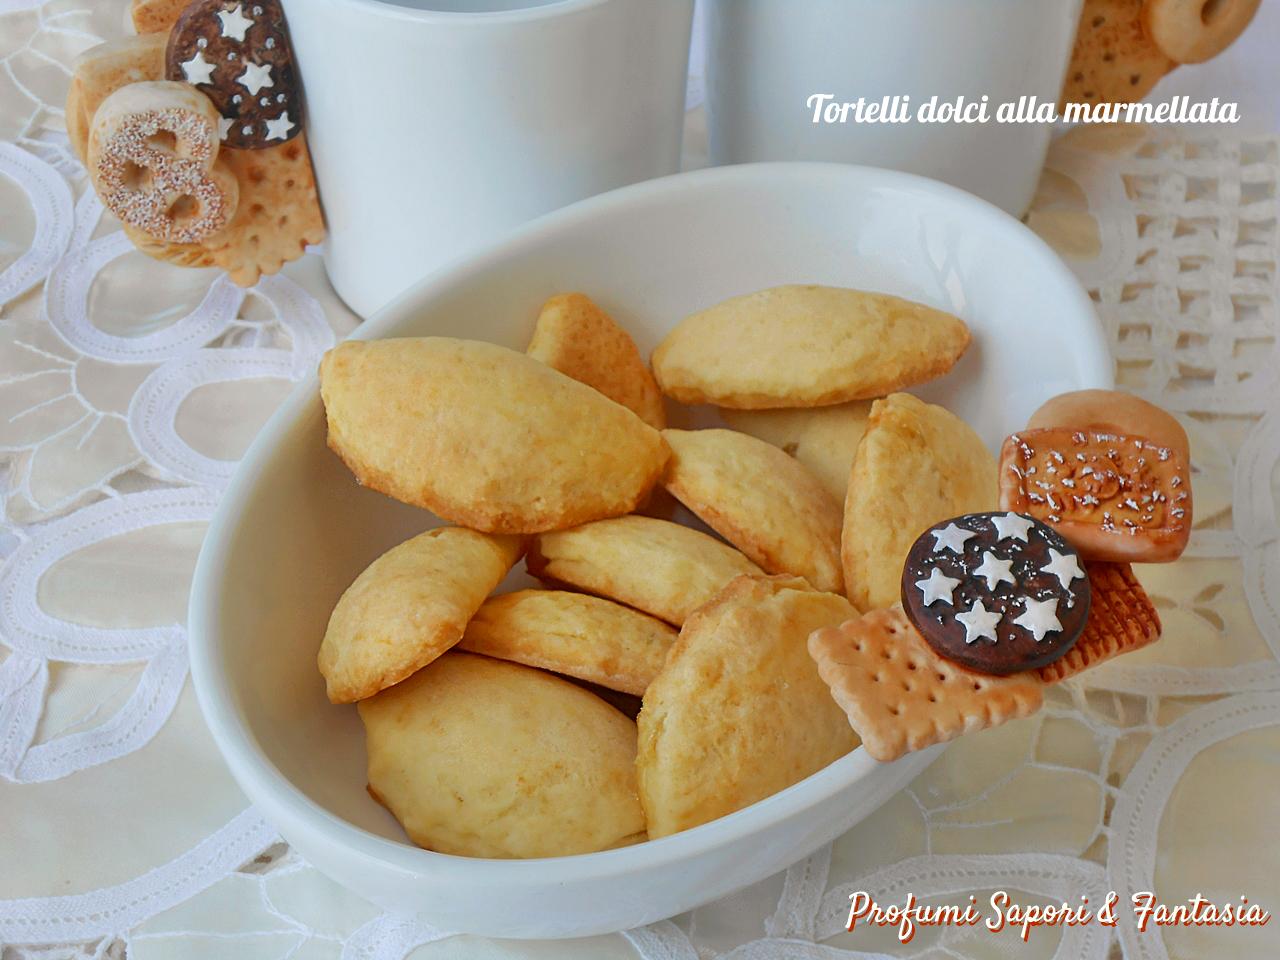 Tortelli dolci alla marmellata di albicocche